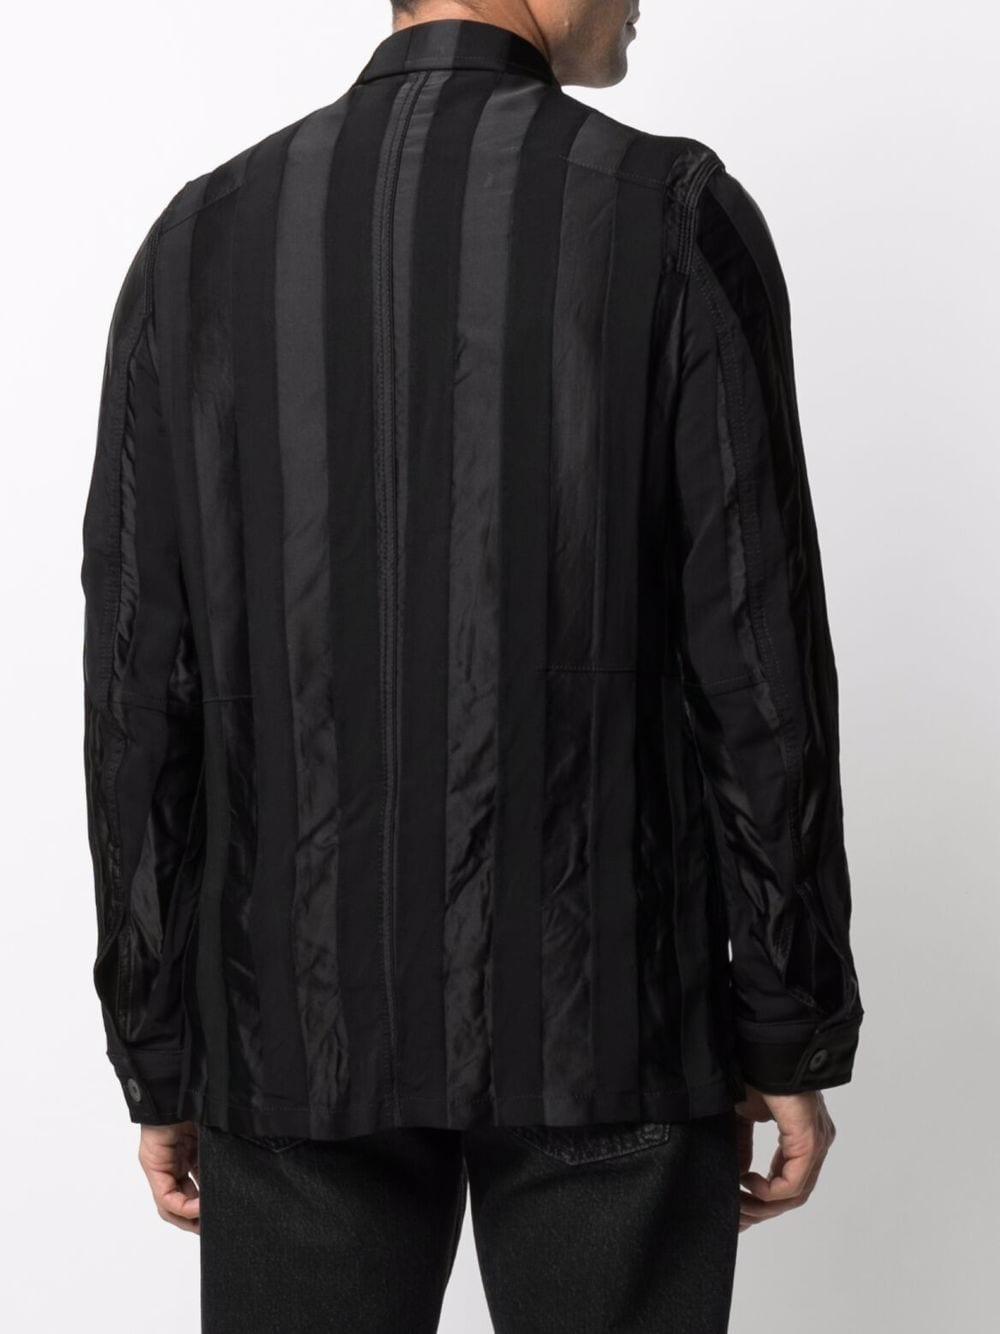 HAIDER ACKERMANN   Jacket   213-3004-176099